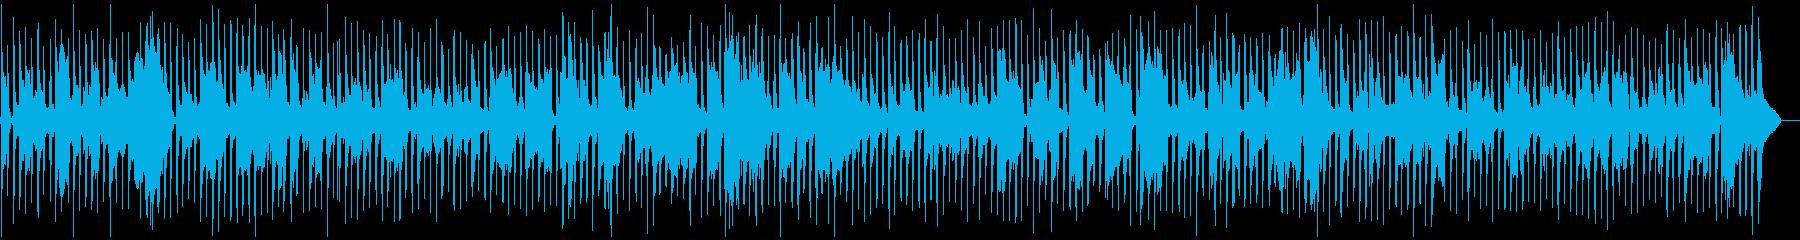 フレンチワルツ、旅番組などのBGMの再生済みの波形